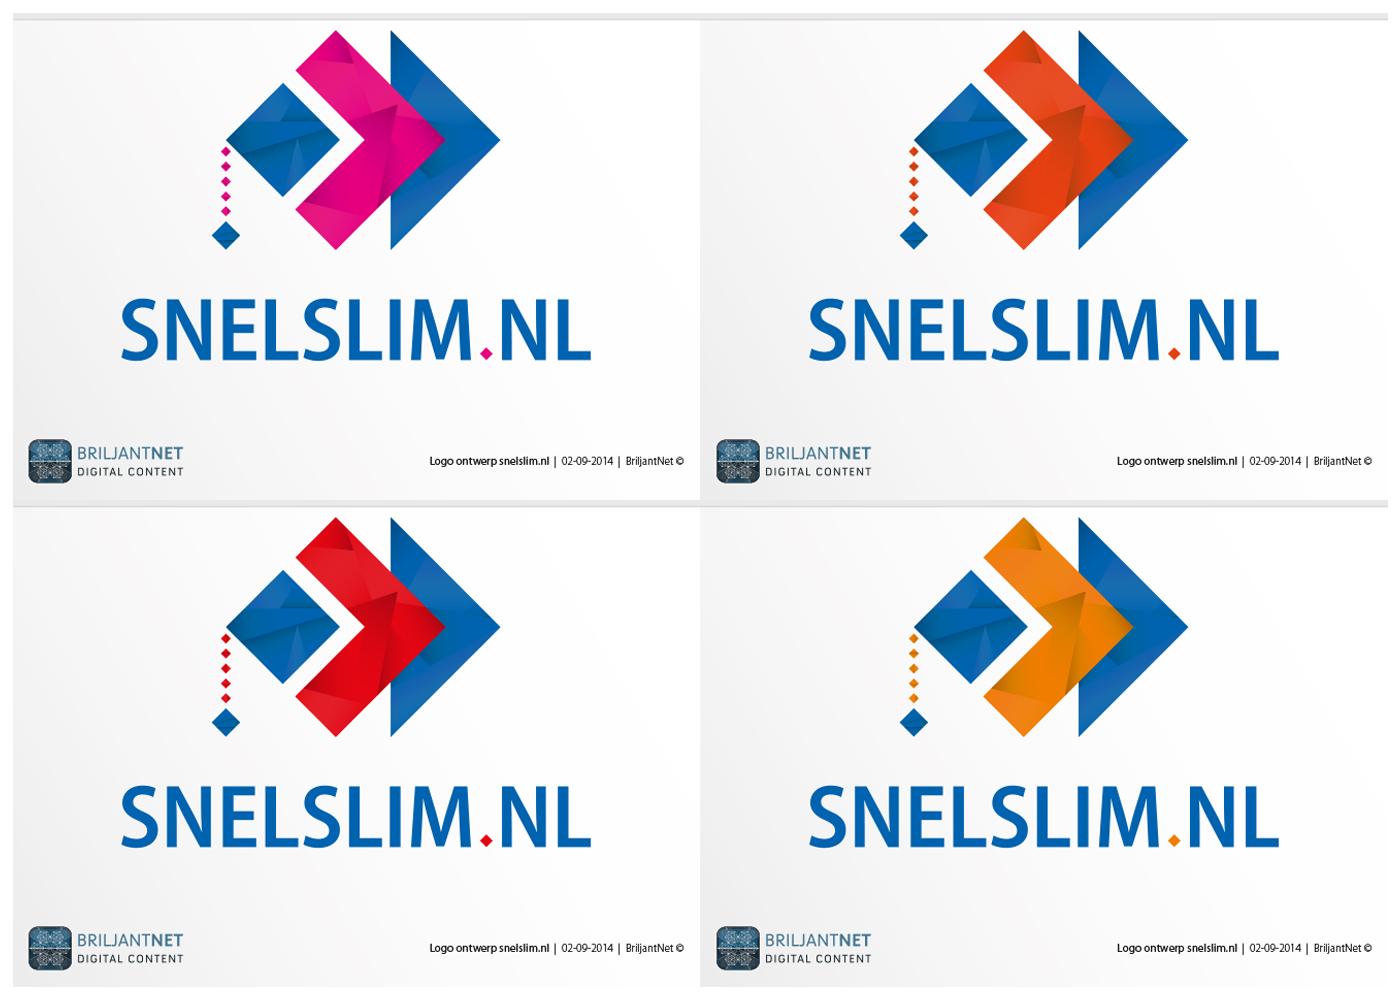 snelslim_logo_schets-4